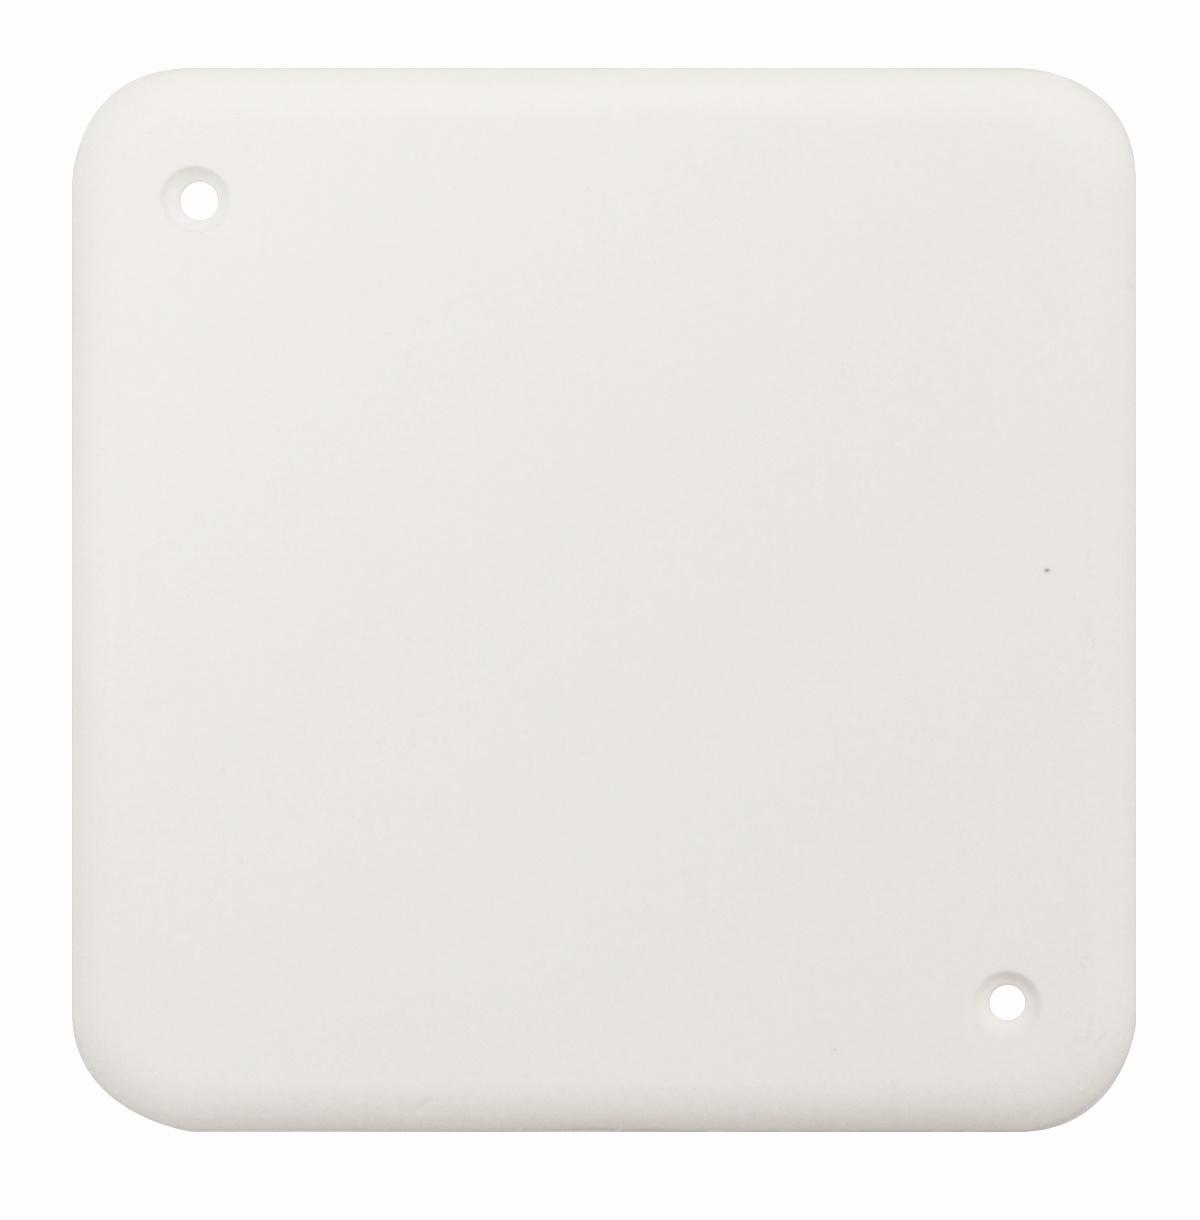 100 Stk Ersatzdeckel weiß für UP-Abzweigkasten 80x80mm GTDW140 GTDW140D--